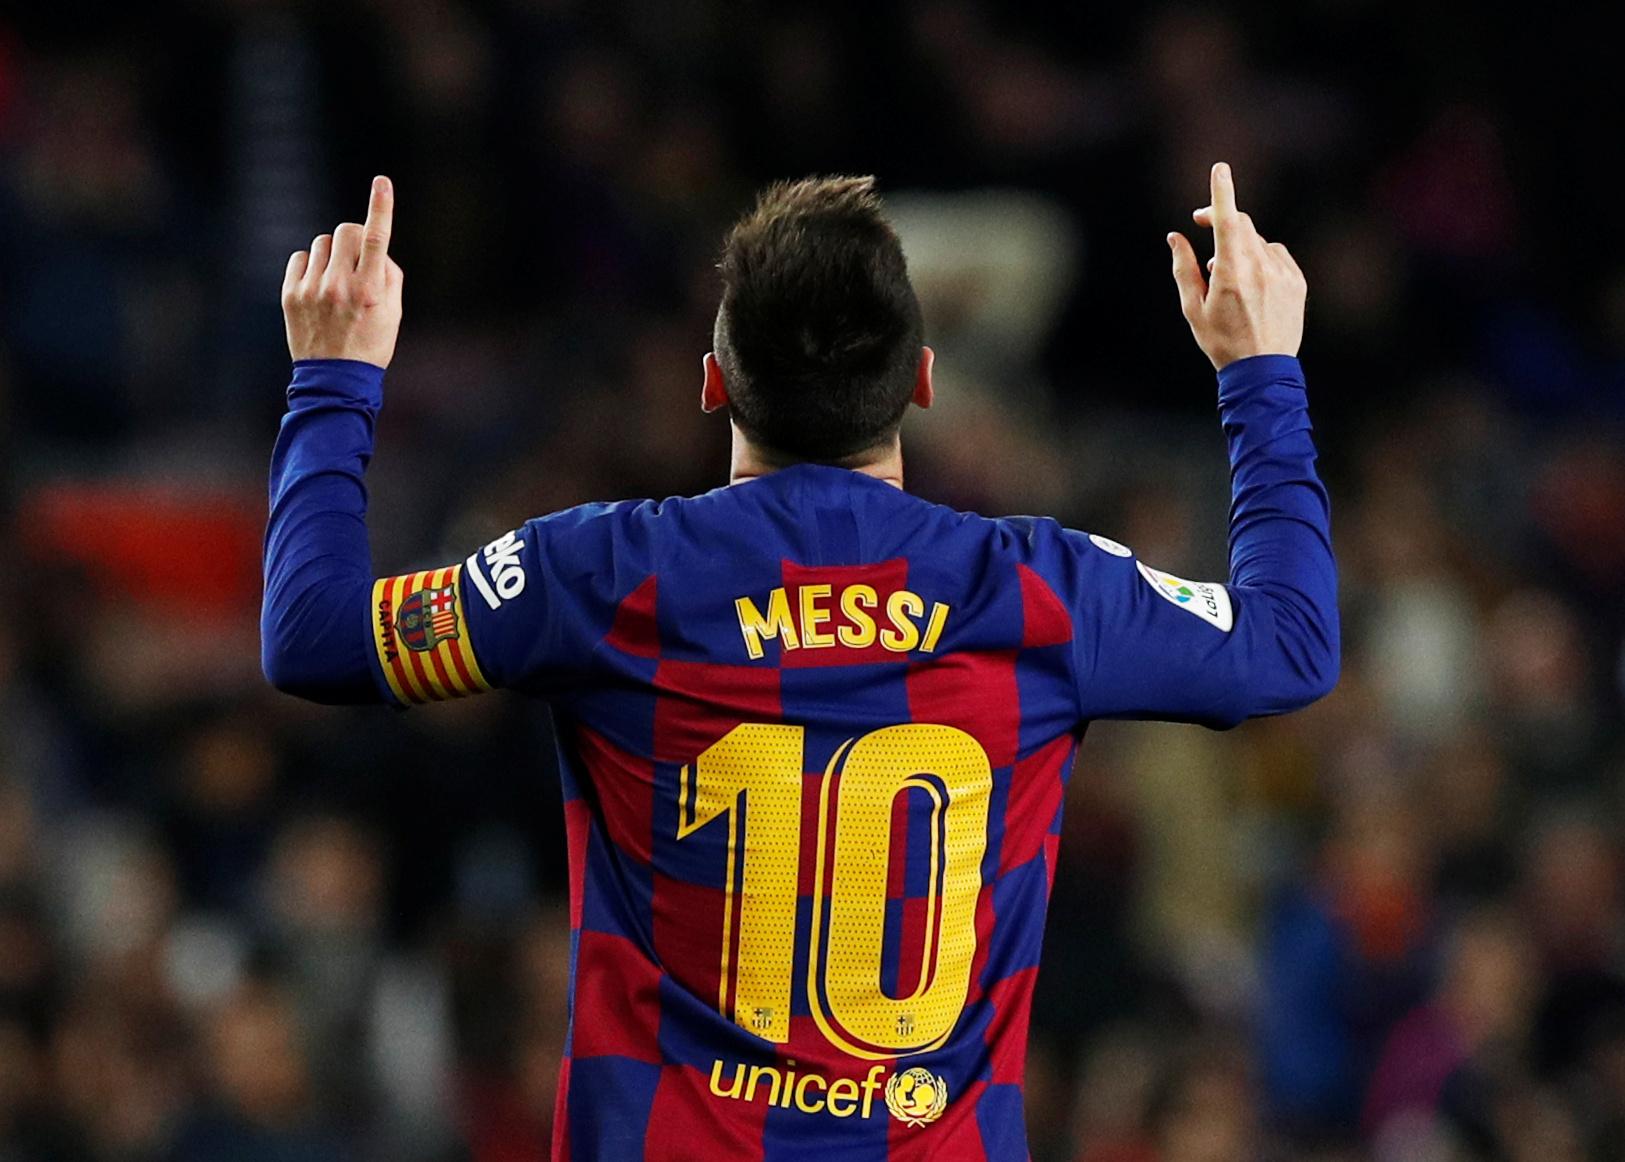 Lionel Messi, argentino de 32 años, Barcelona - USD 139,8